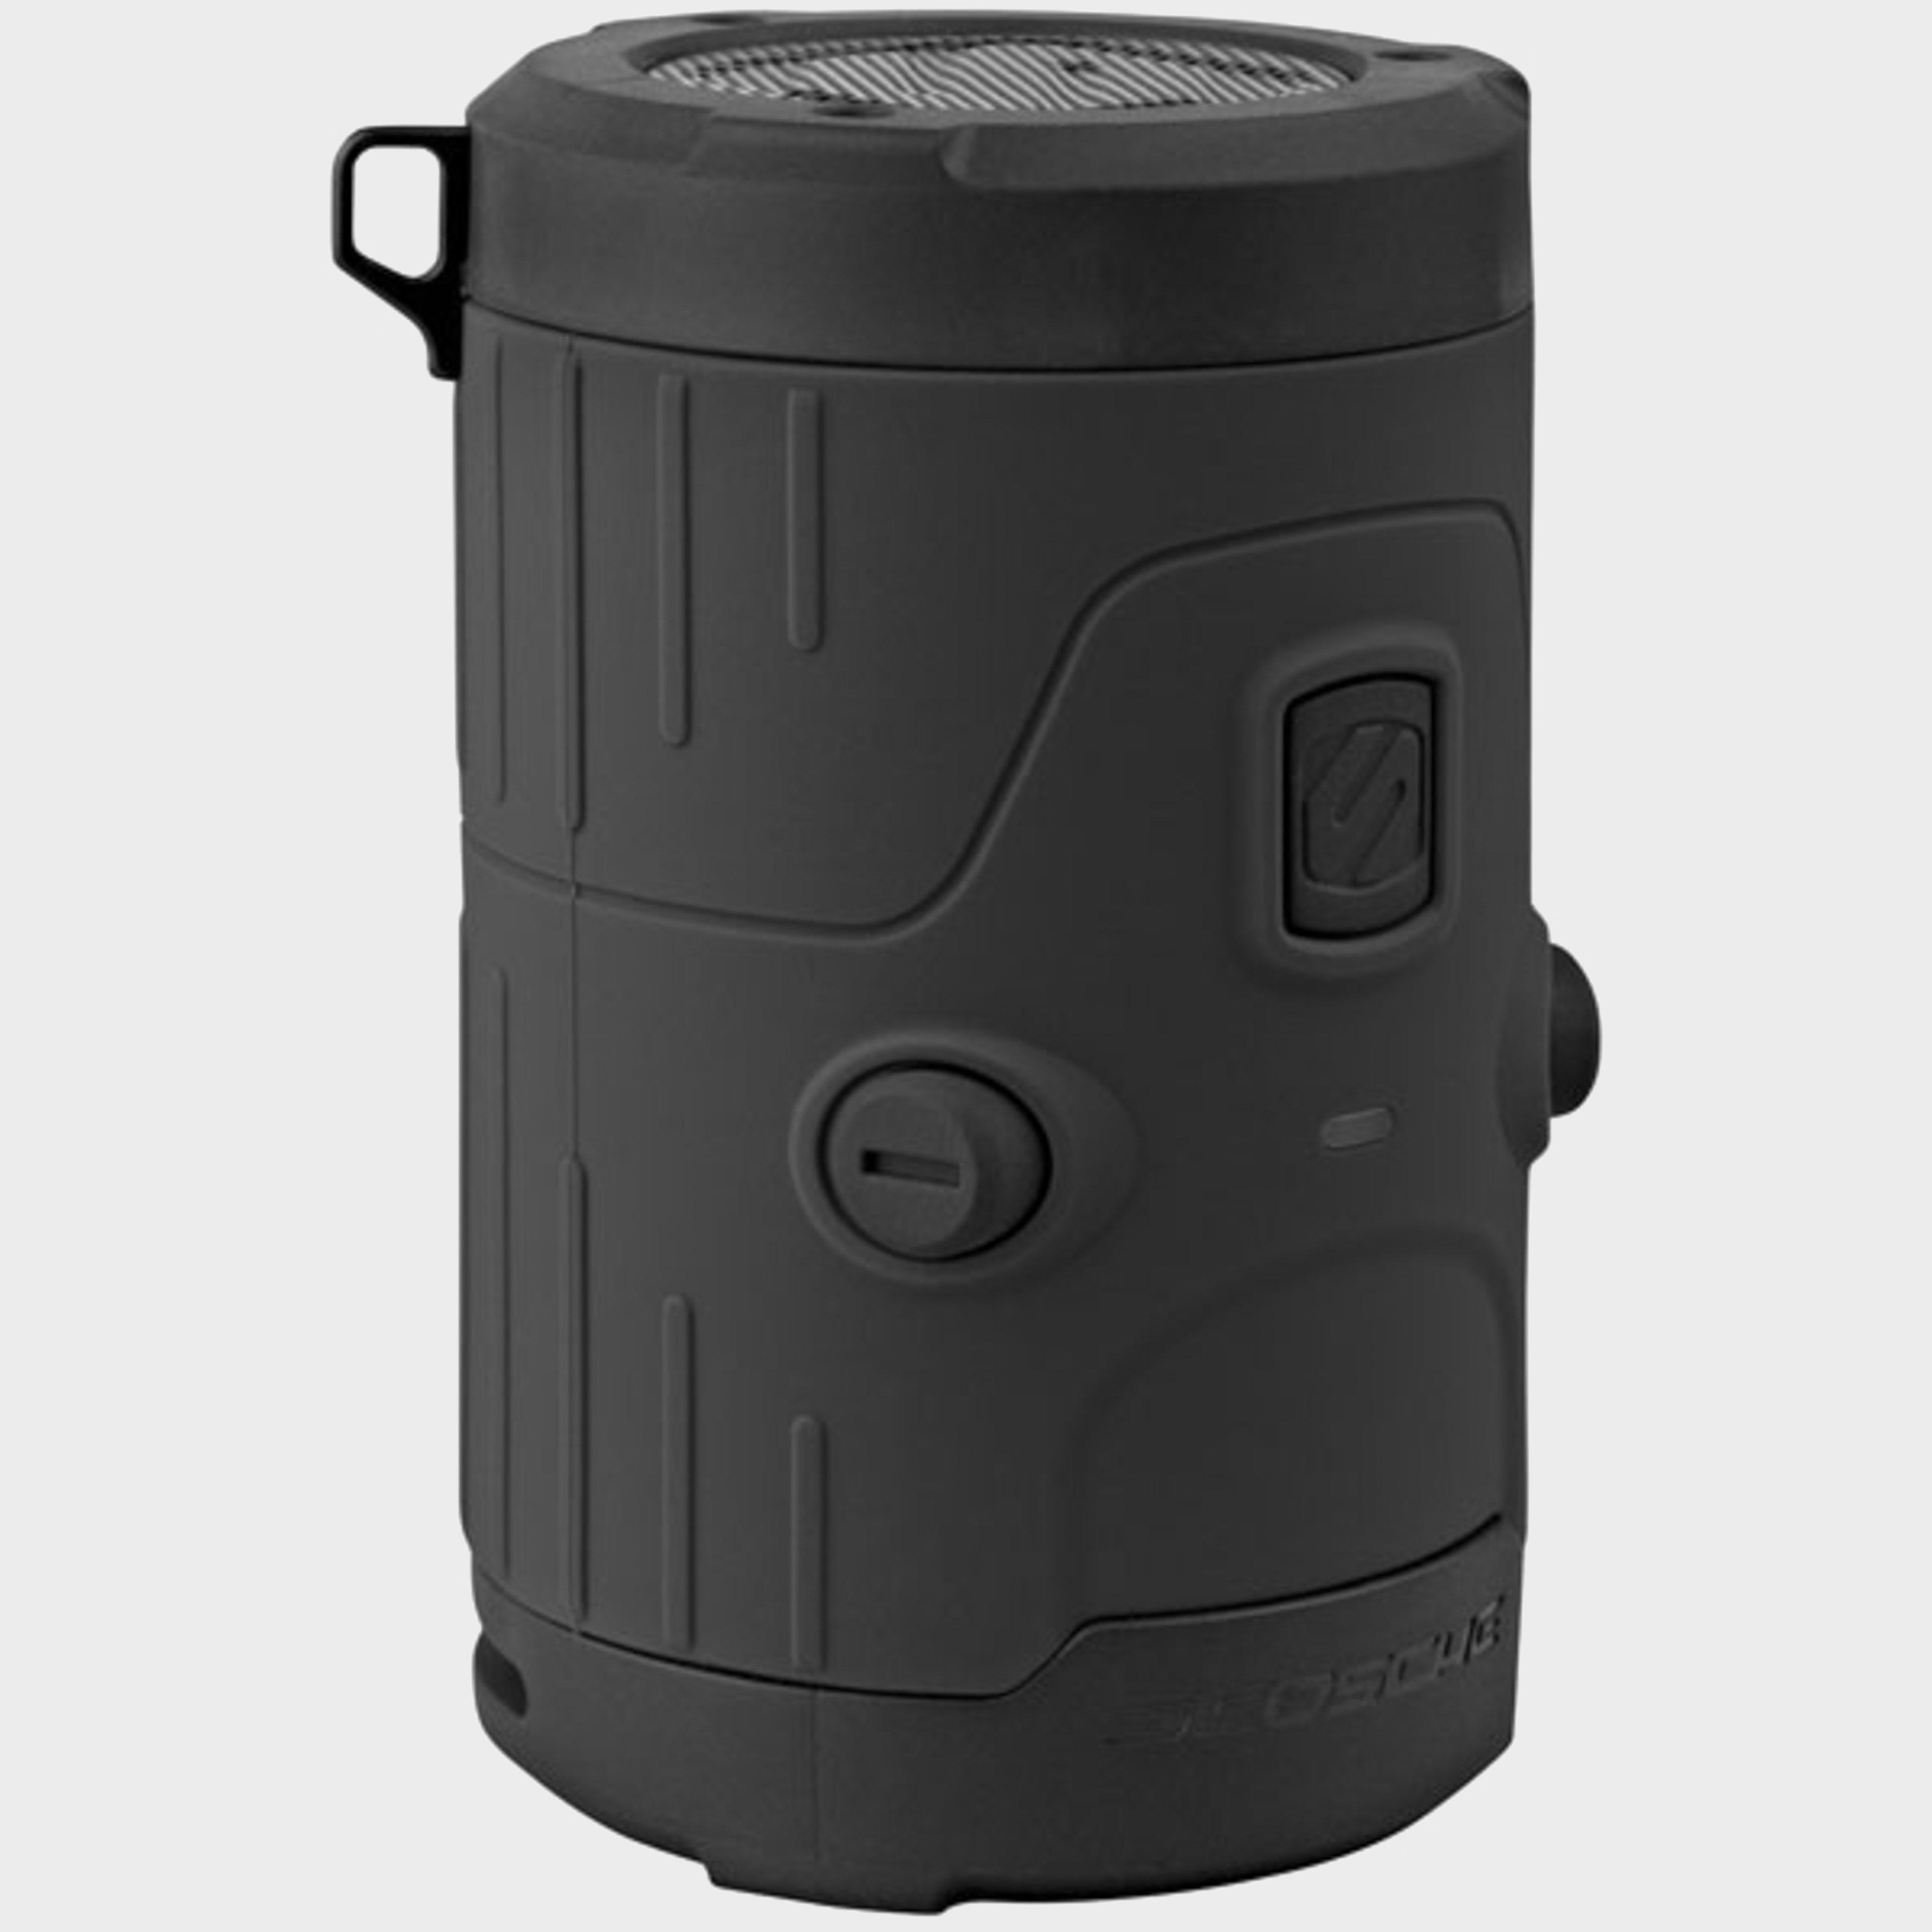 Scosche Boombottle H2O Waterproof Wireless Speaker - Yell - Black/Speaker, Black